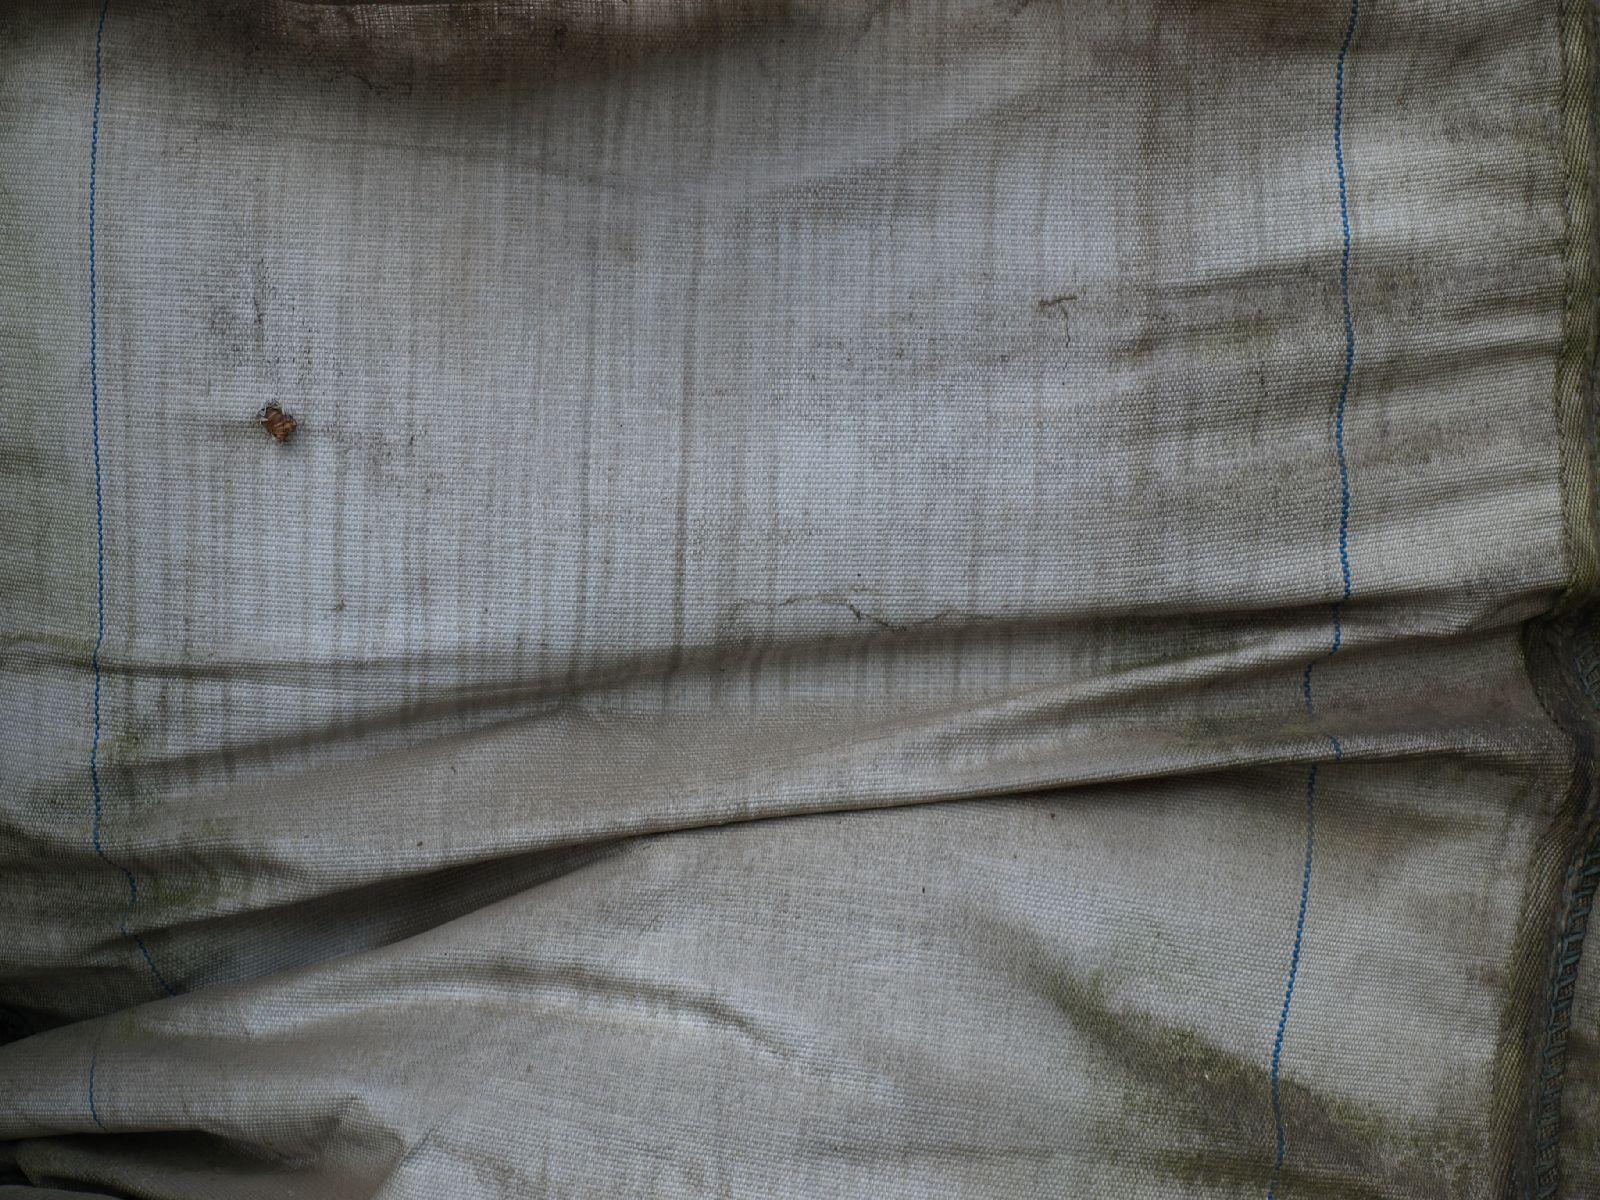 Grunge-Dreck_Textur_A_P8299363